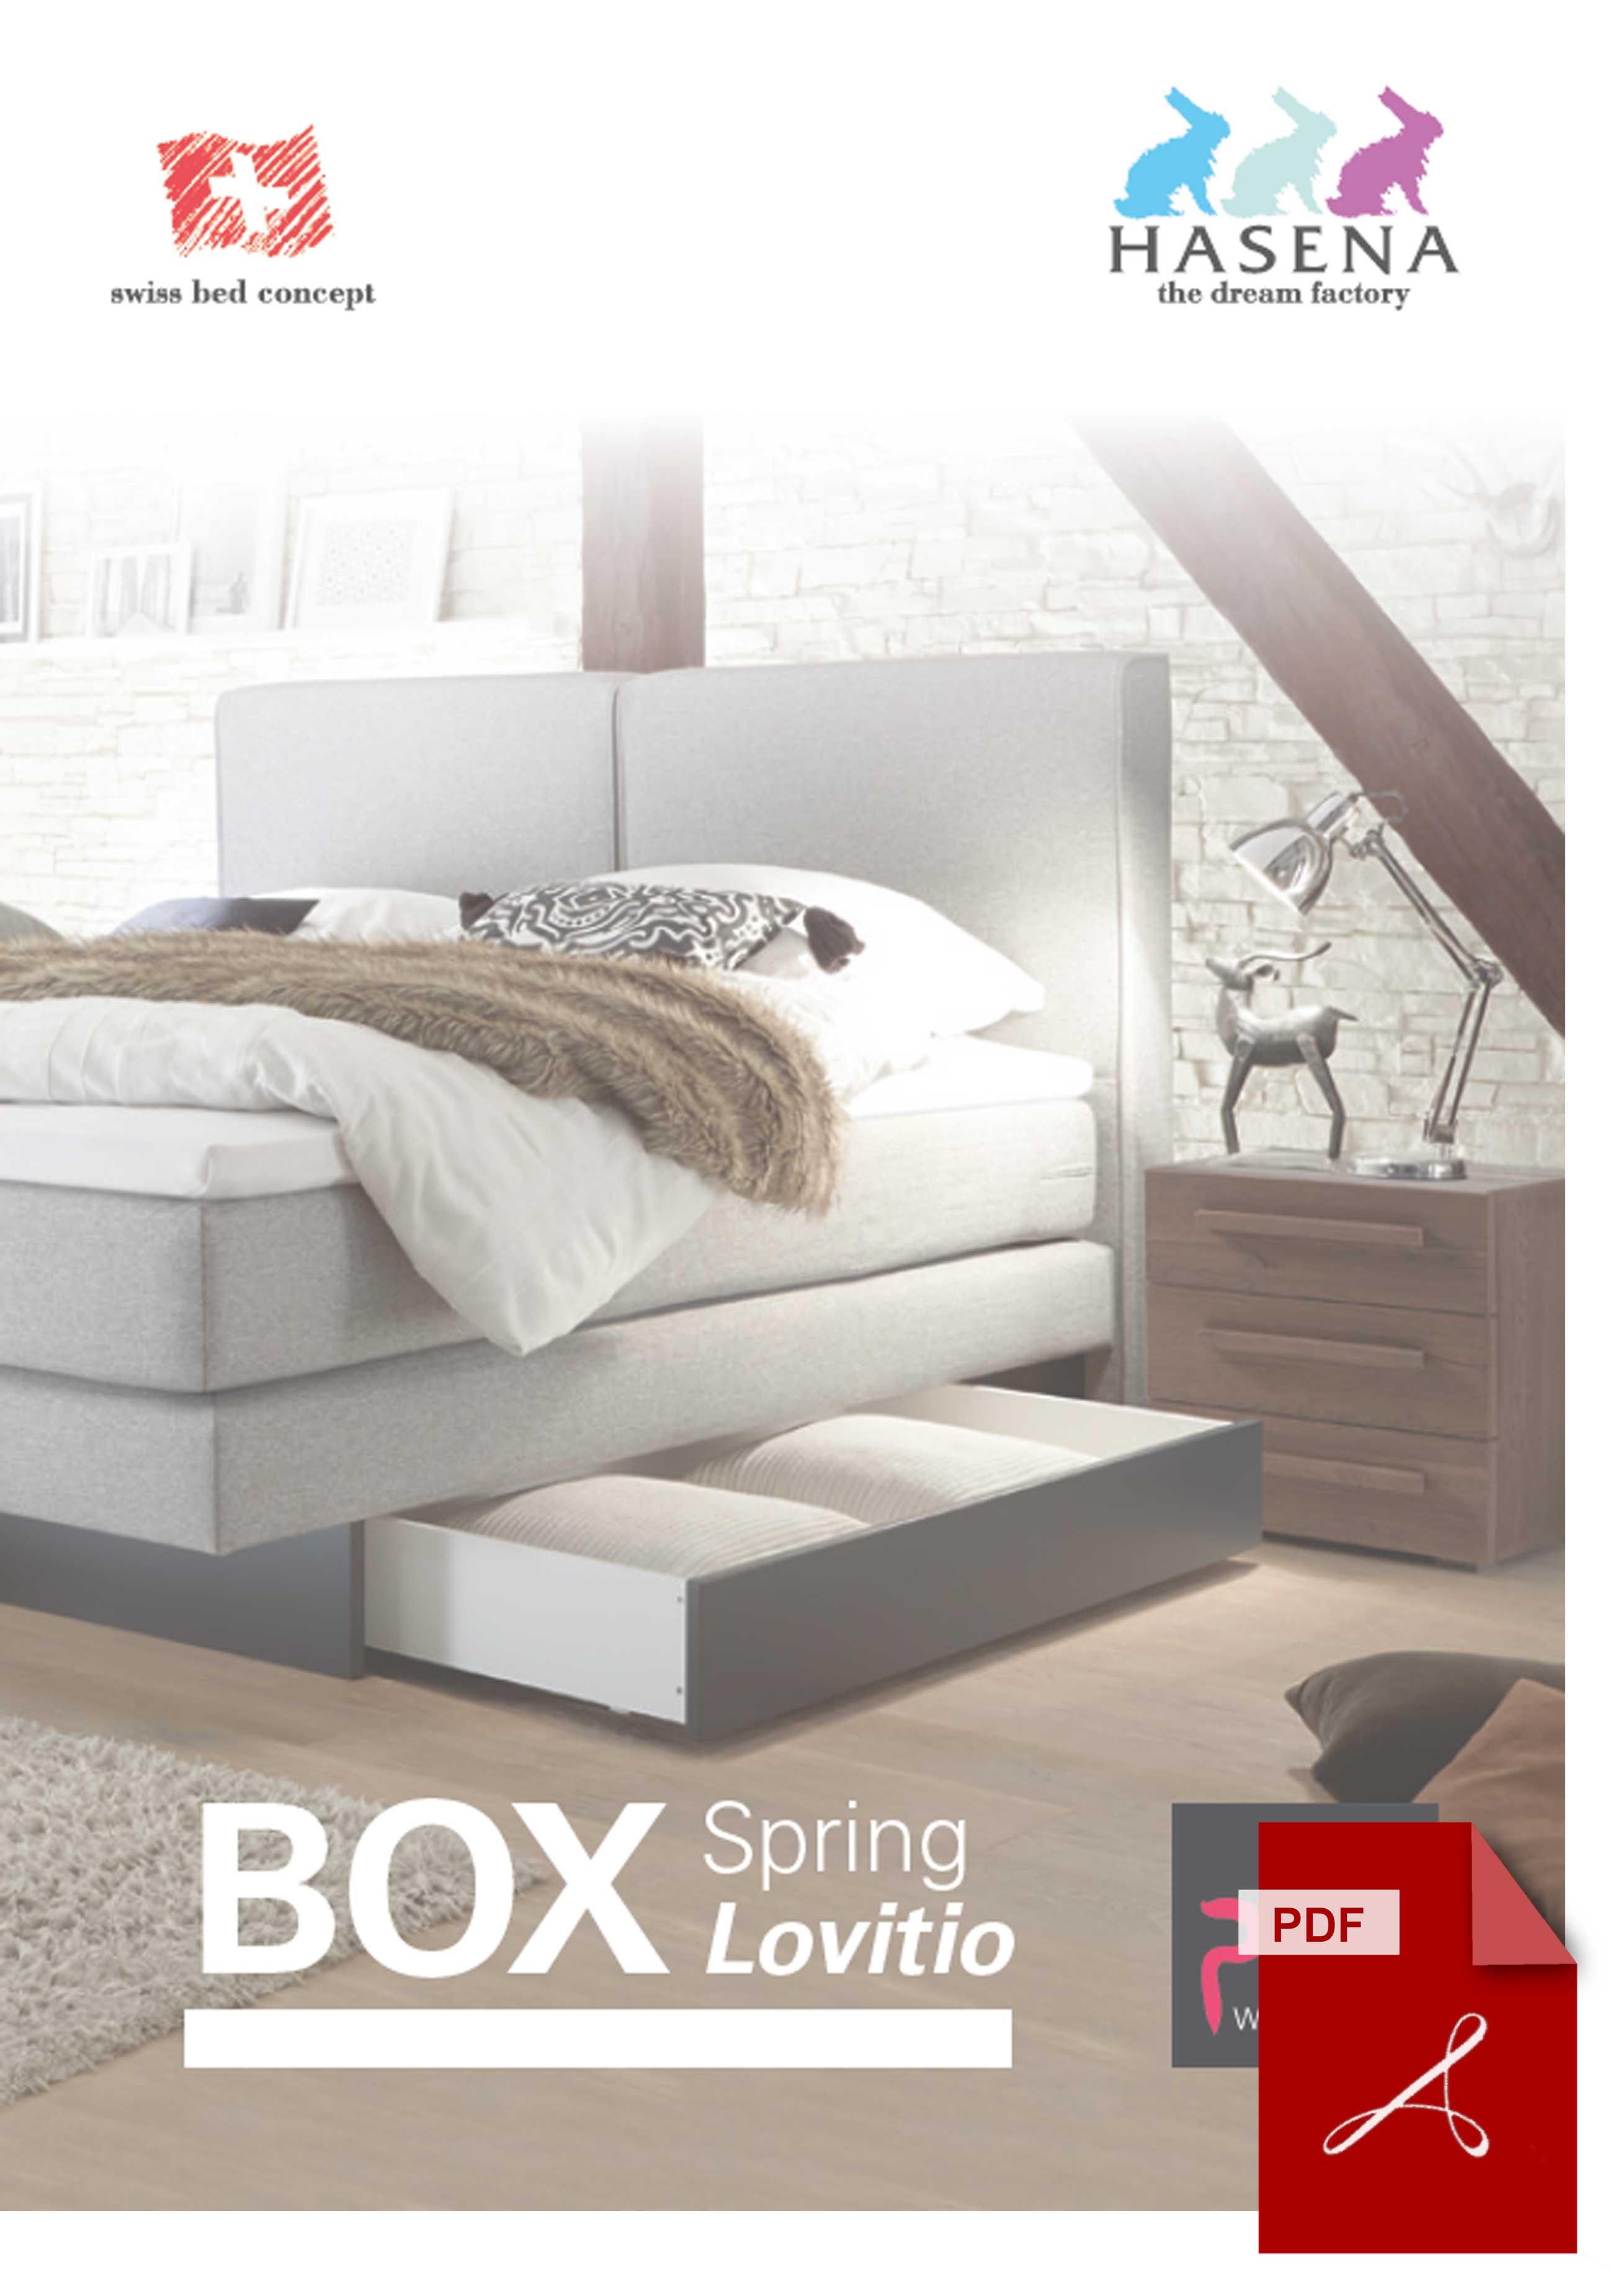 Download Katalog Hasena Boxspringbett Lovitio